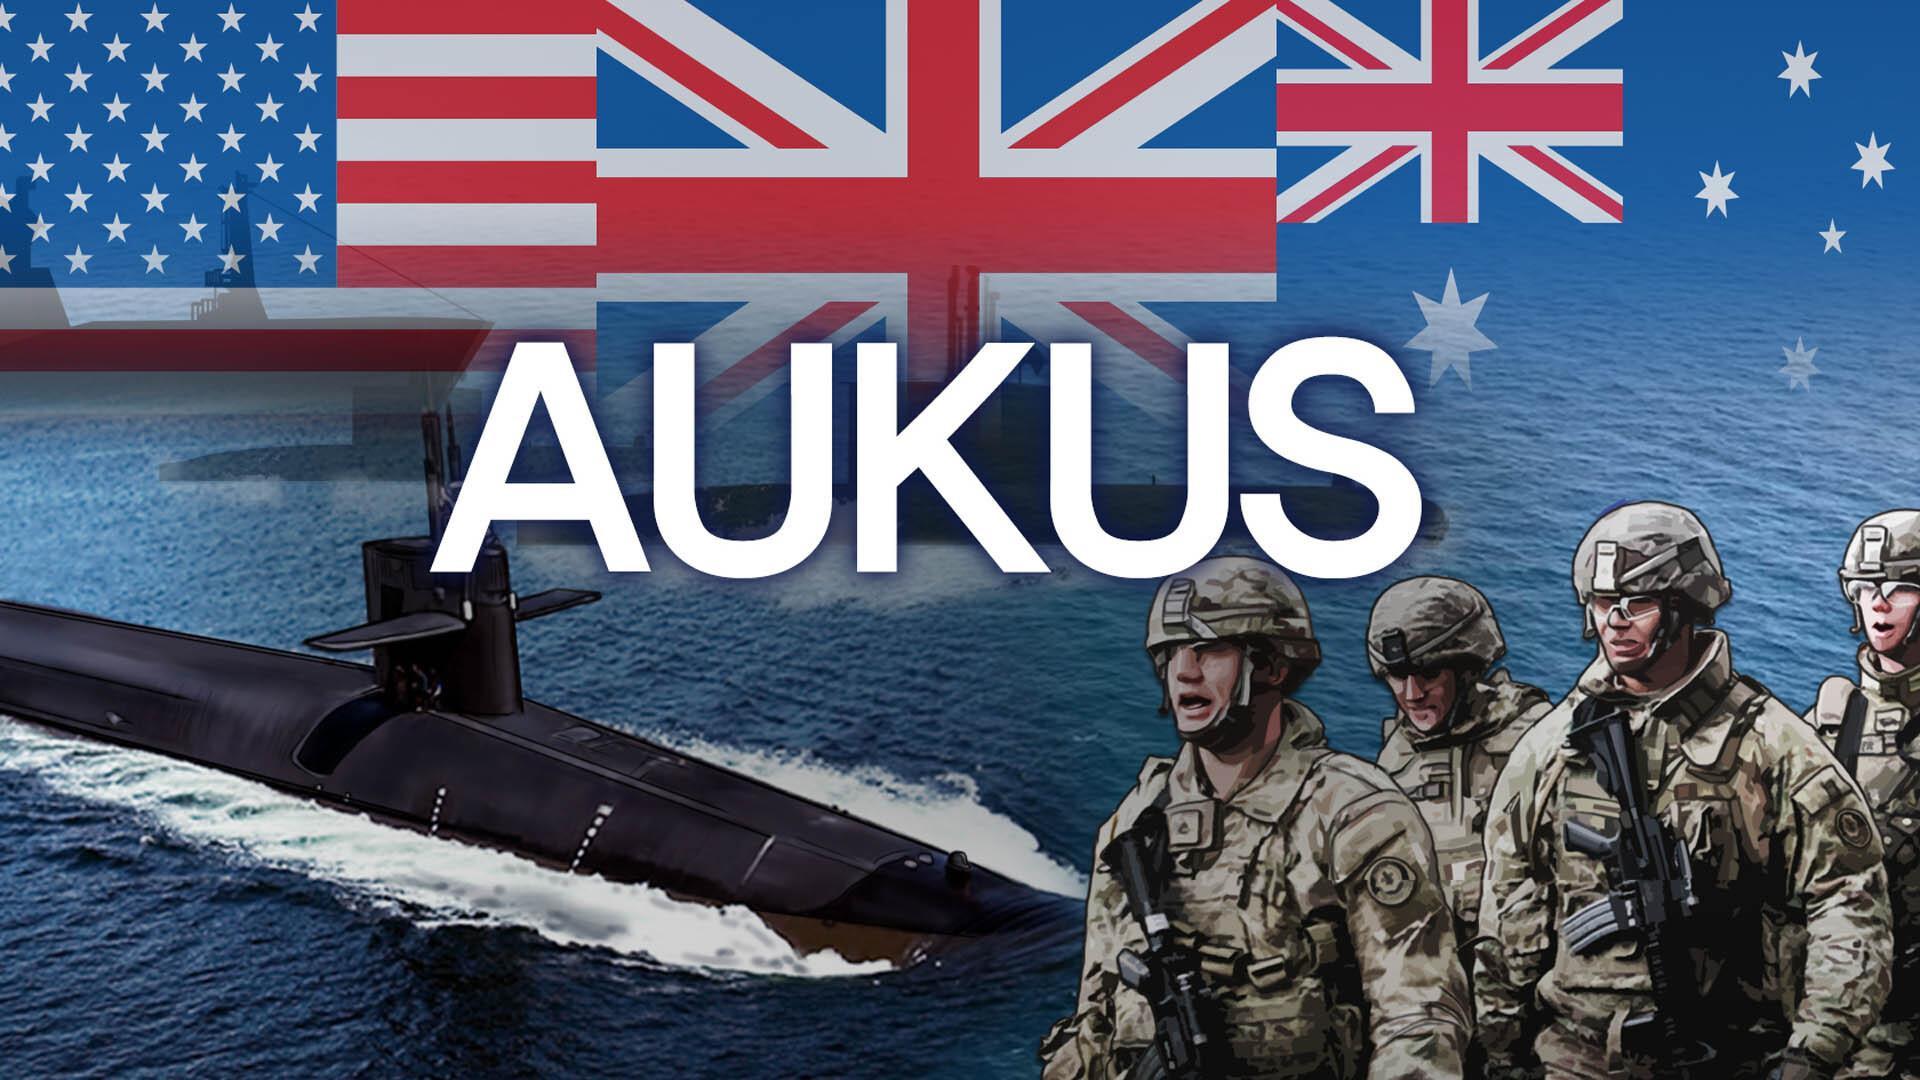 AUKUS - nước cờ giúp Mỹ tăng ảnh hưởng ở Thái Bình Dương? - 1